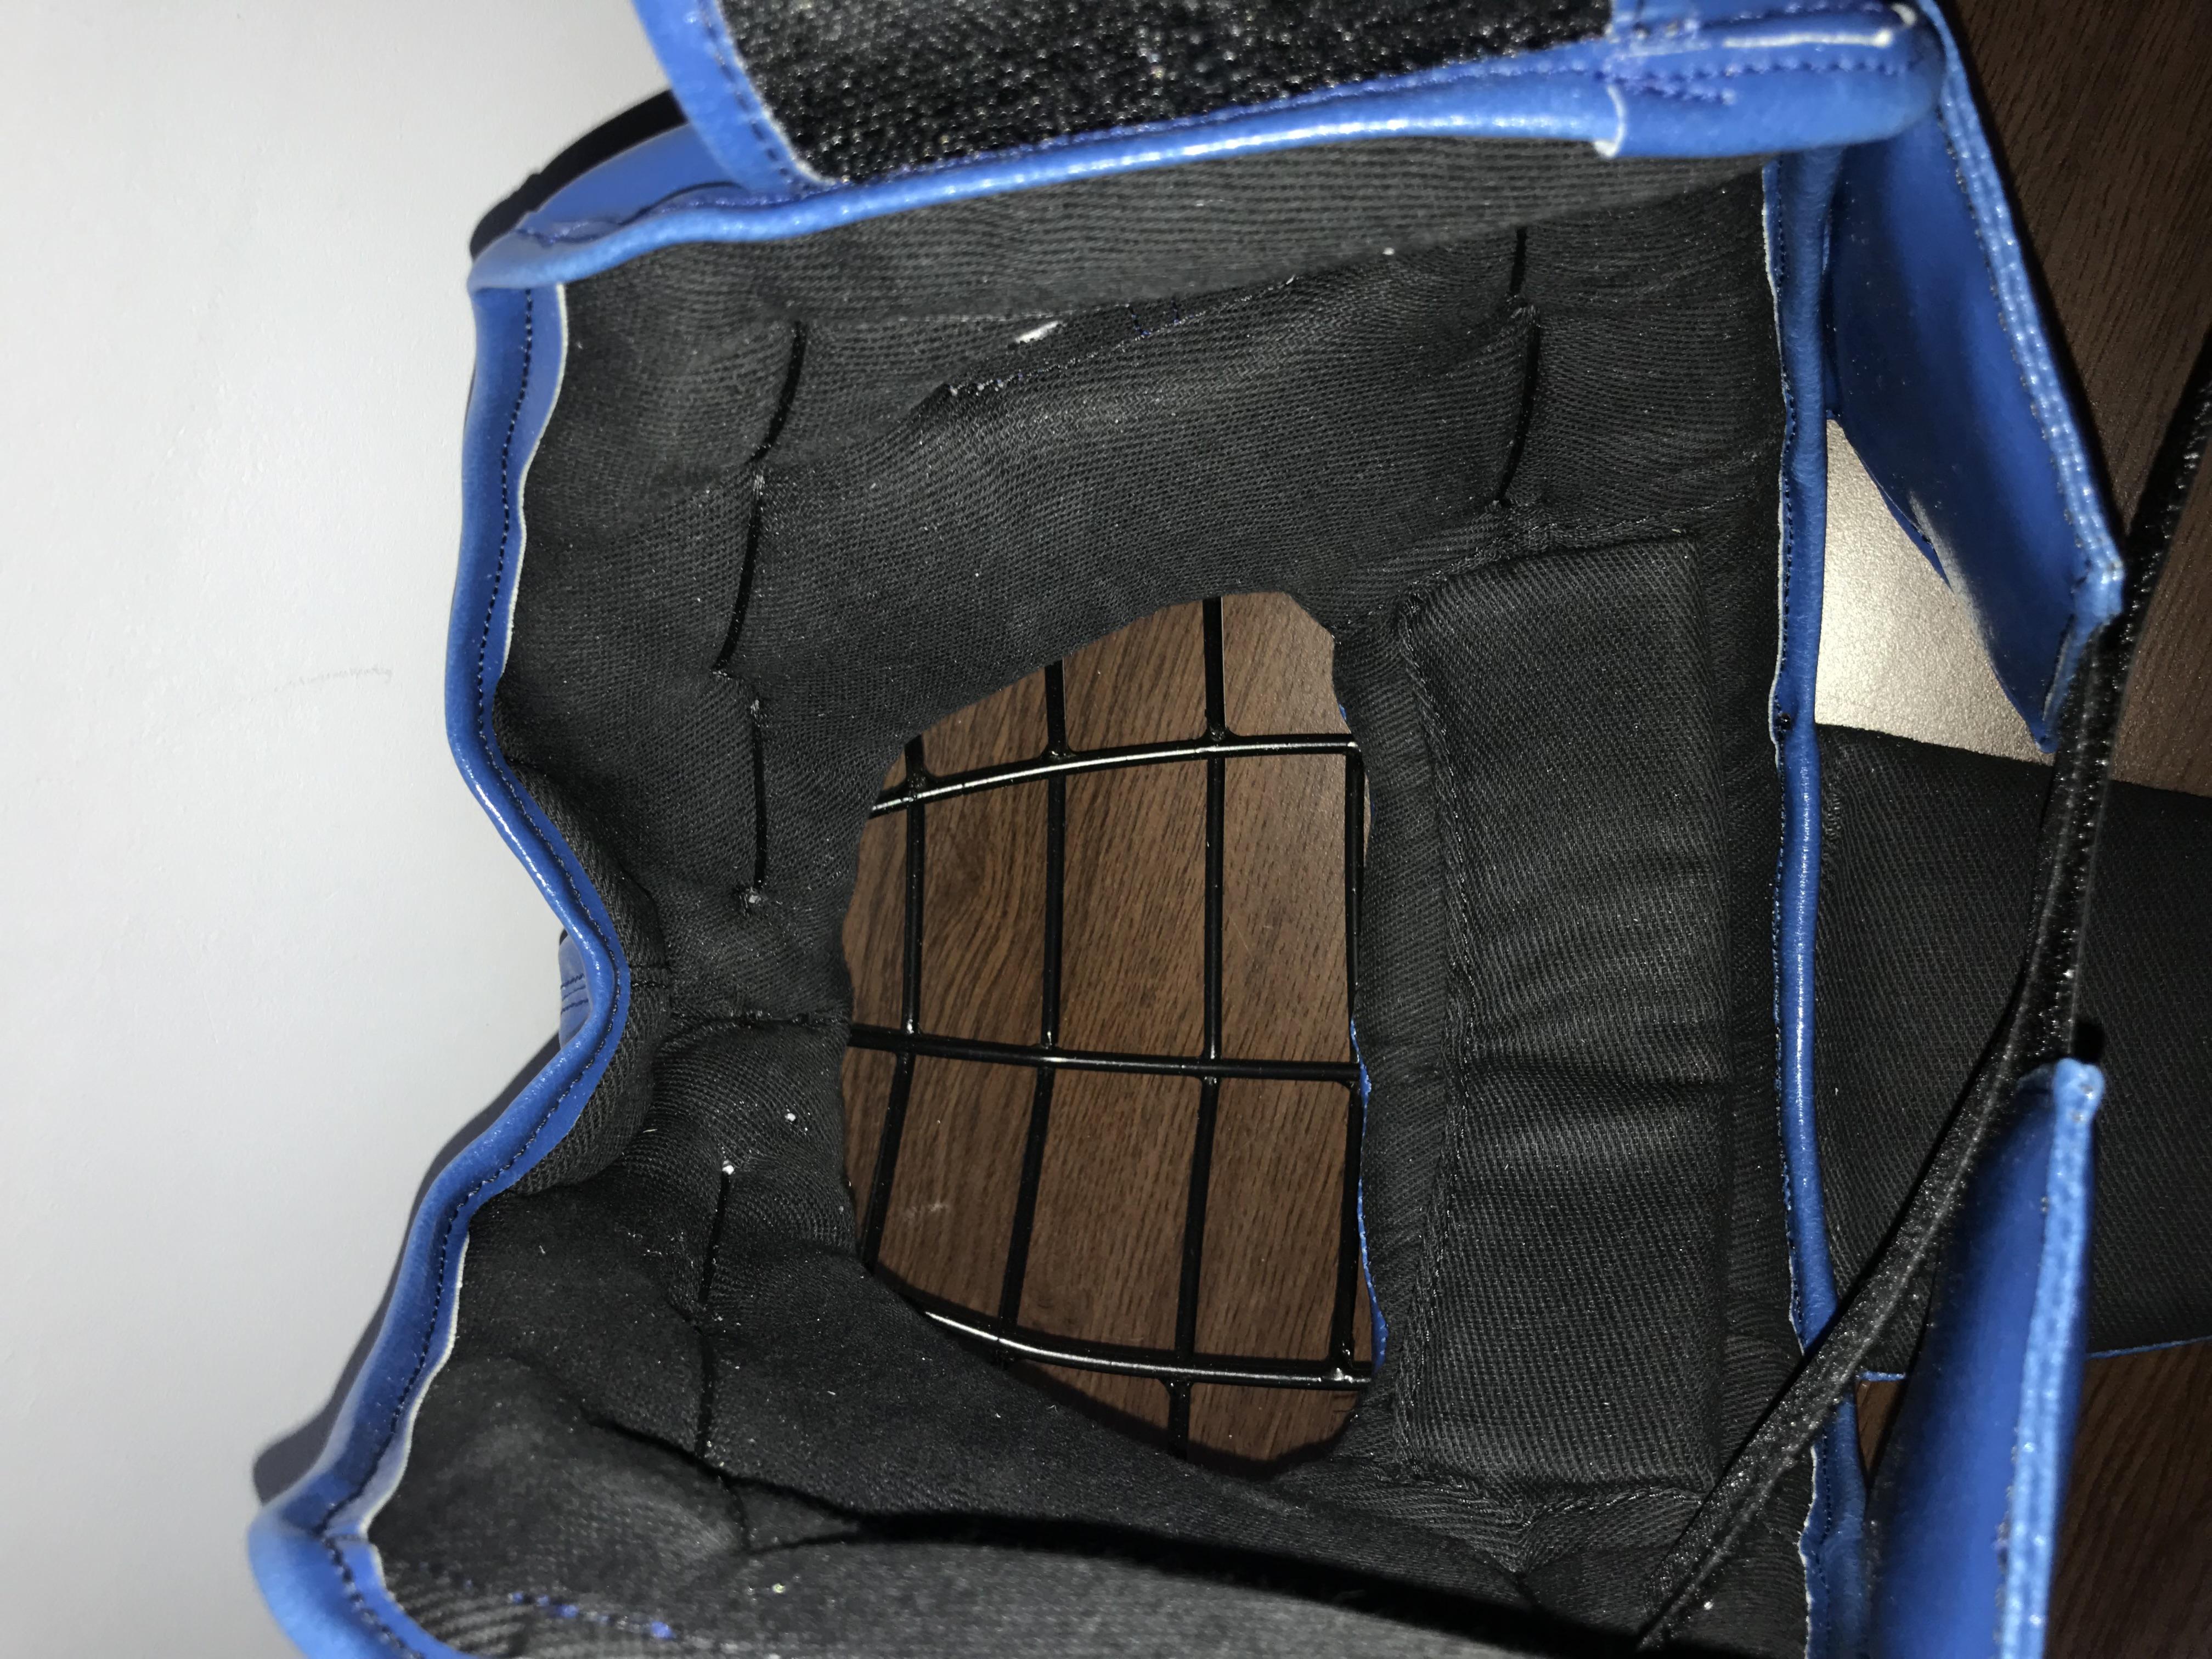 внутренняя часть шлема леоспорт